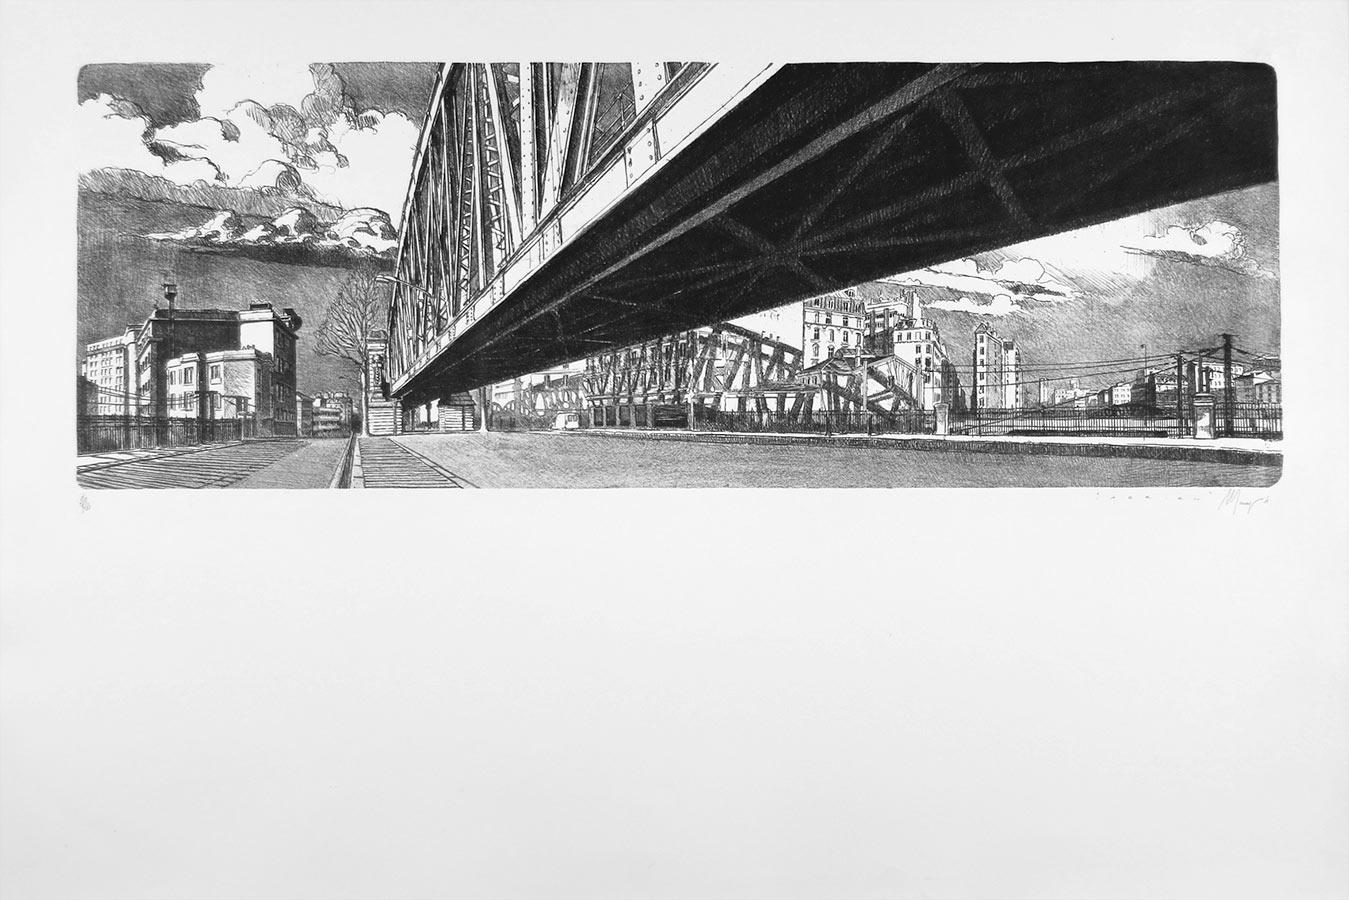 Aérien. Lithographie 20 ex. 50 x 110 cm, 2004